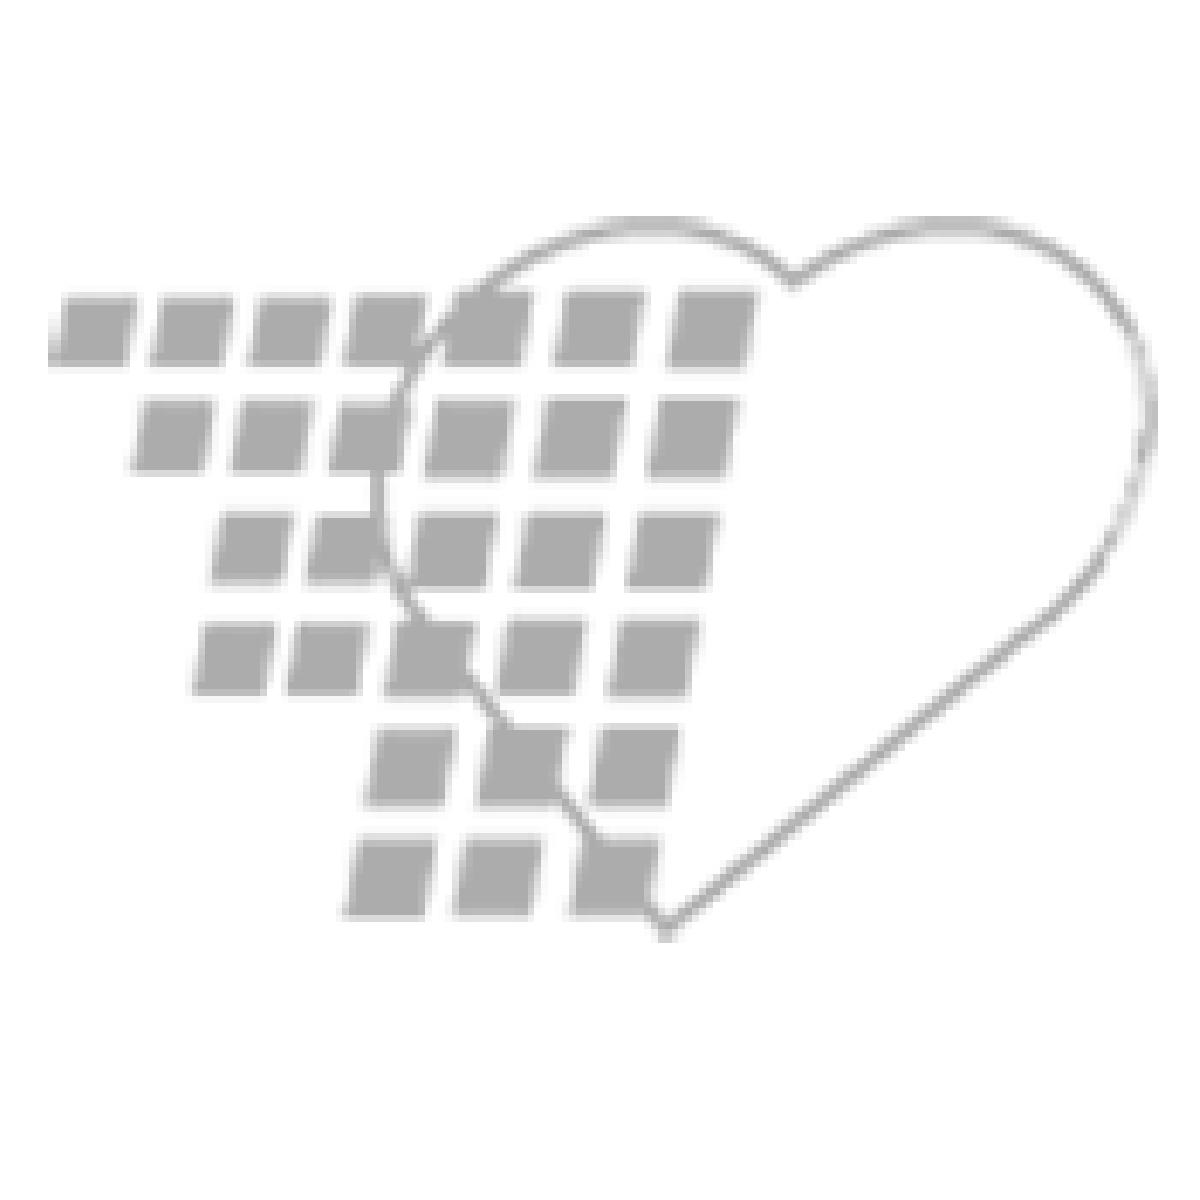 06-93-1805 Demo Dose® Simbase Lotion 500 gm